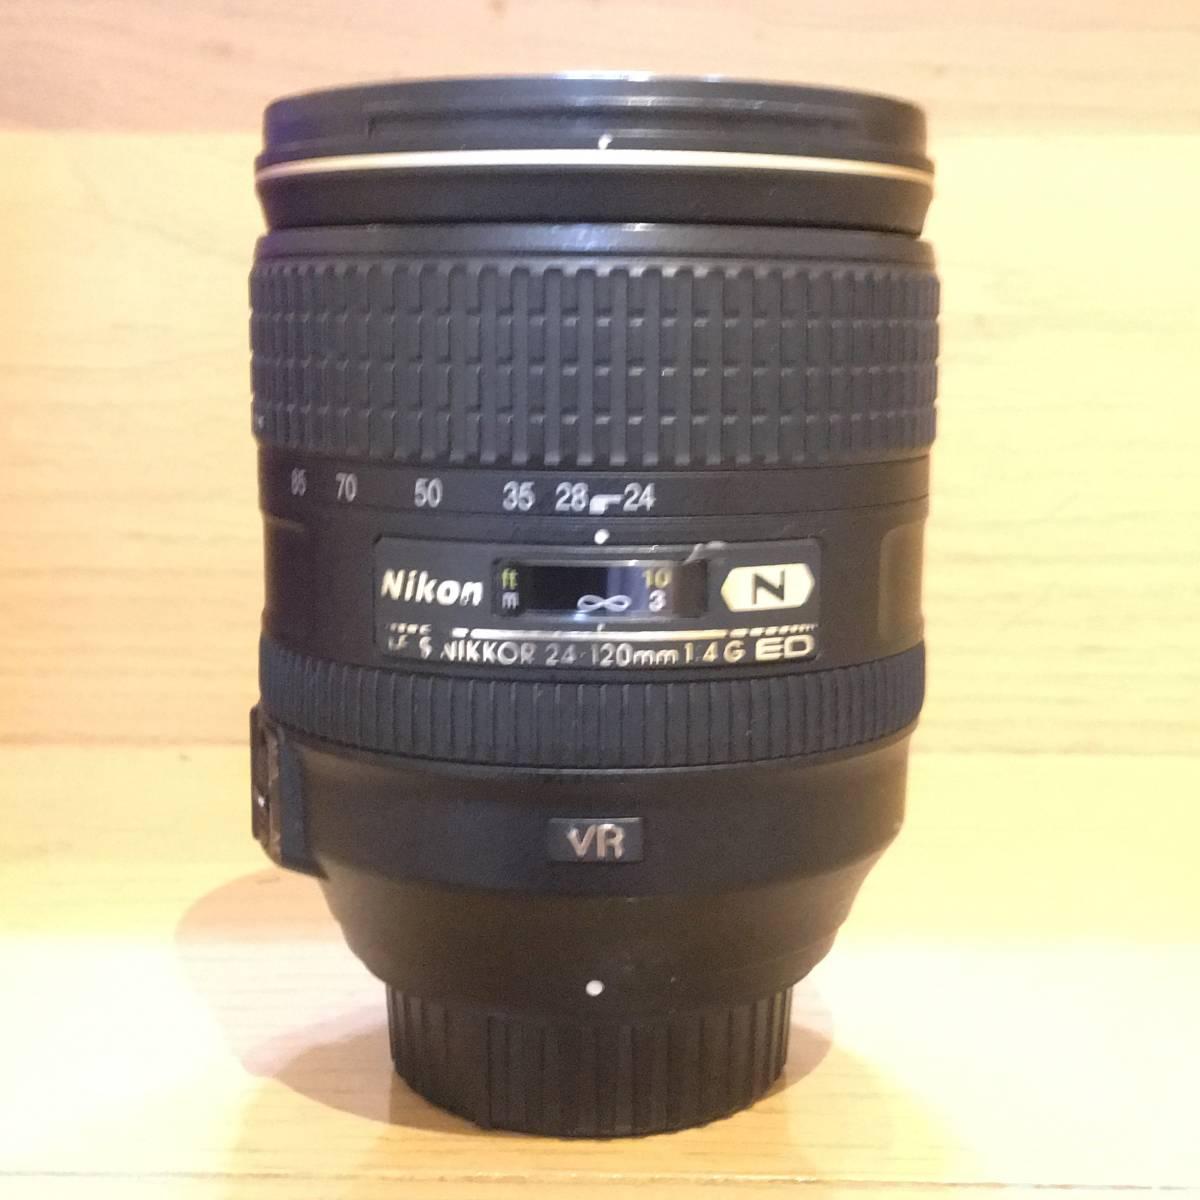 1円スタート!ニコン Nikon AF-S NIKKOR 24-120mm 1:4G ED VR N